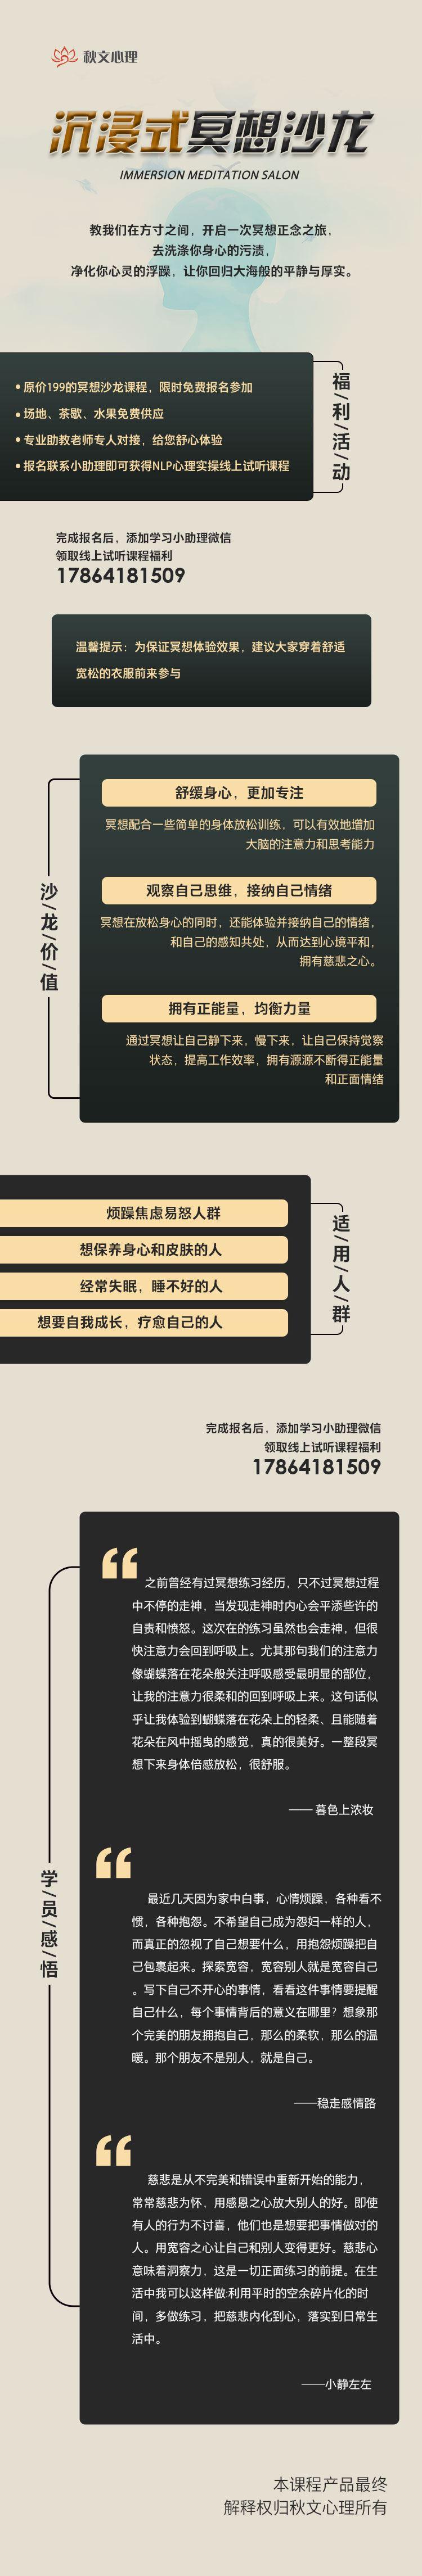 沉浸式冥想沙龙纯净版(1).jpg